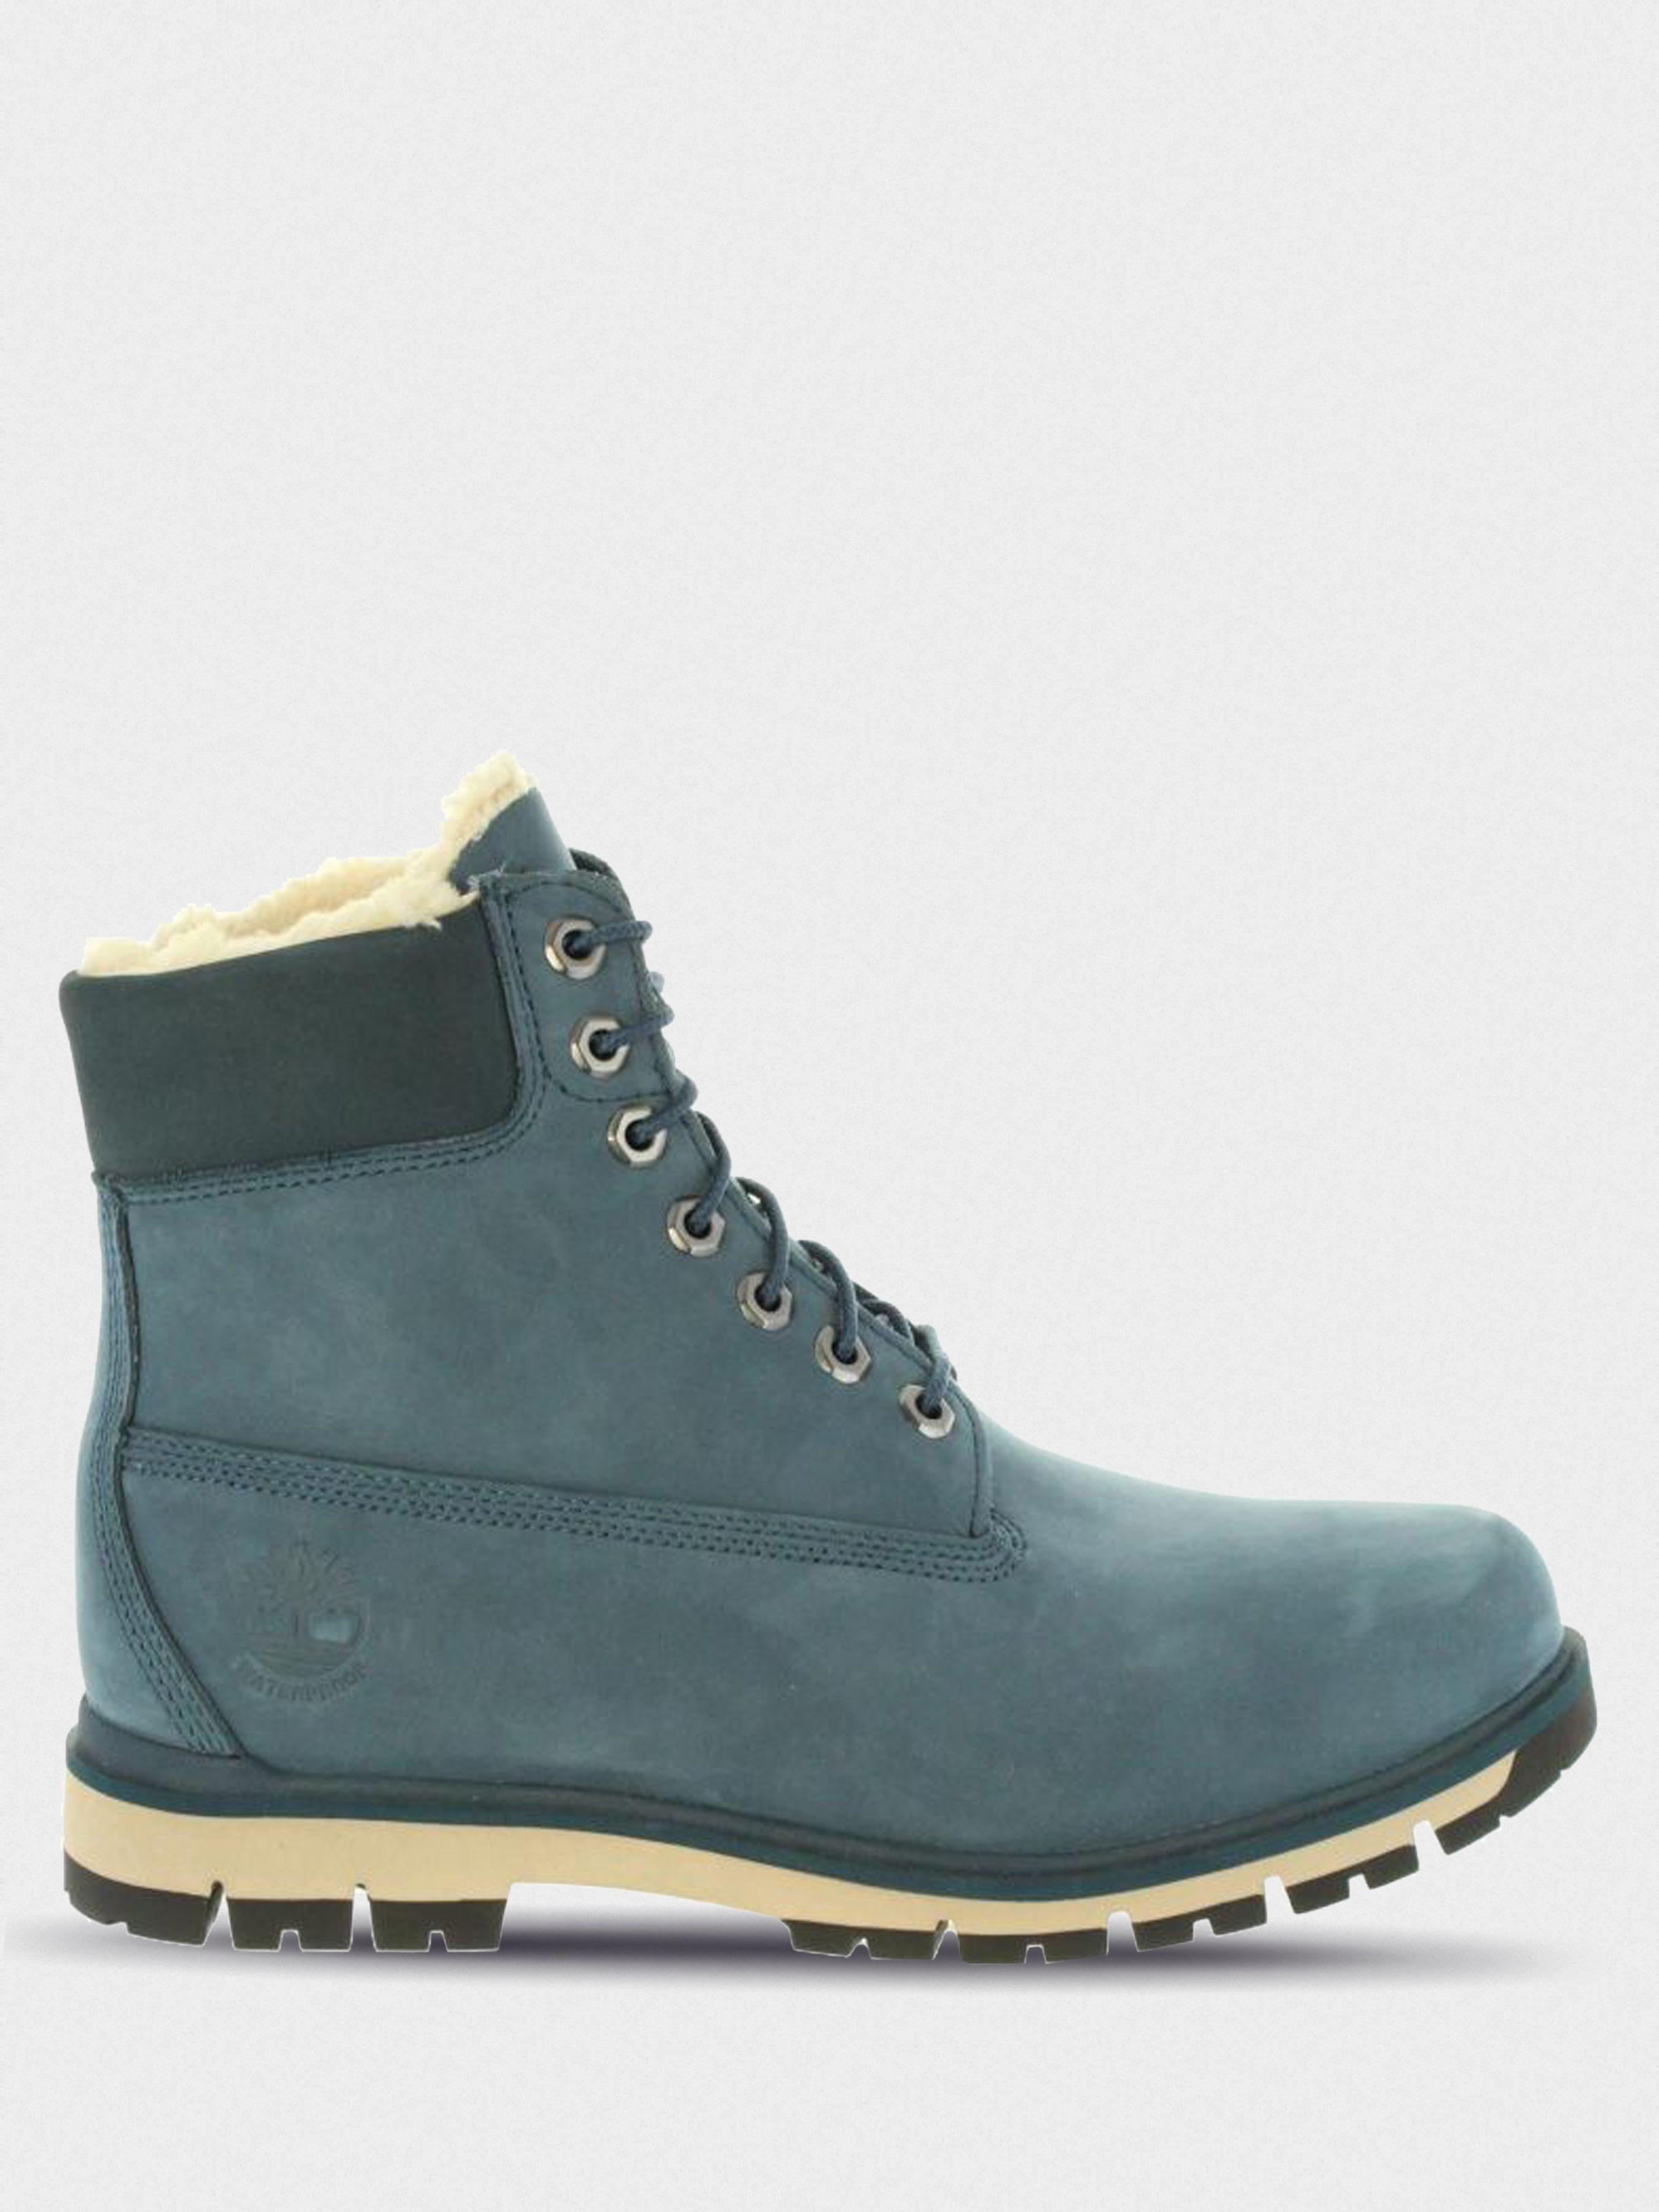 Ботинки для мужчин Timberland Radford TF3796 Заказать, 2017